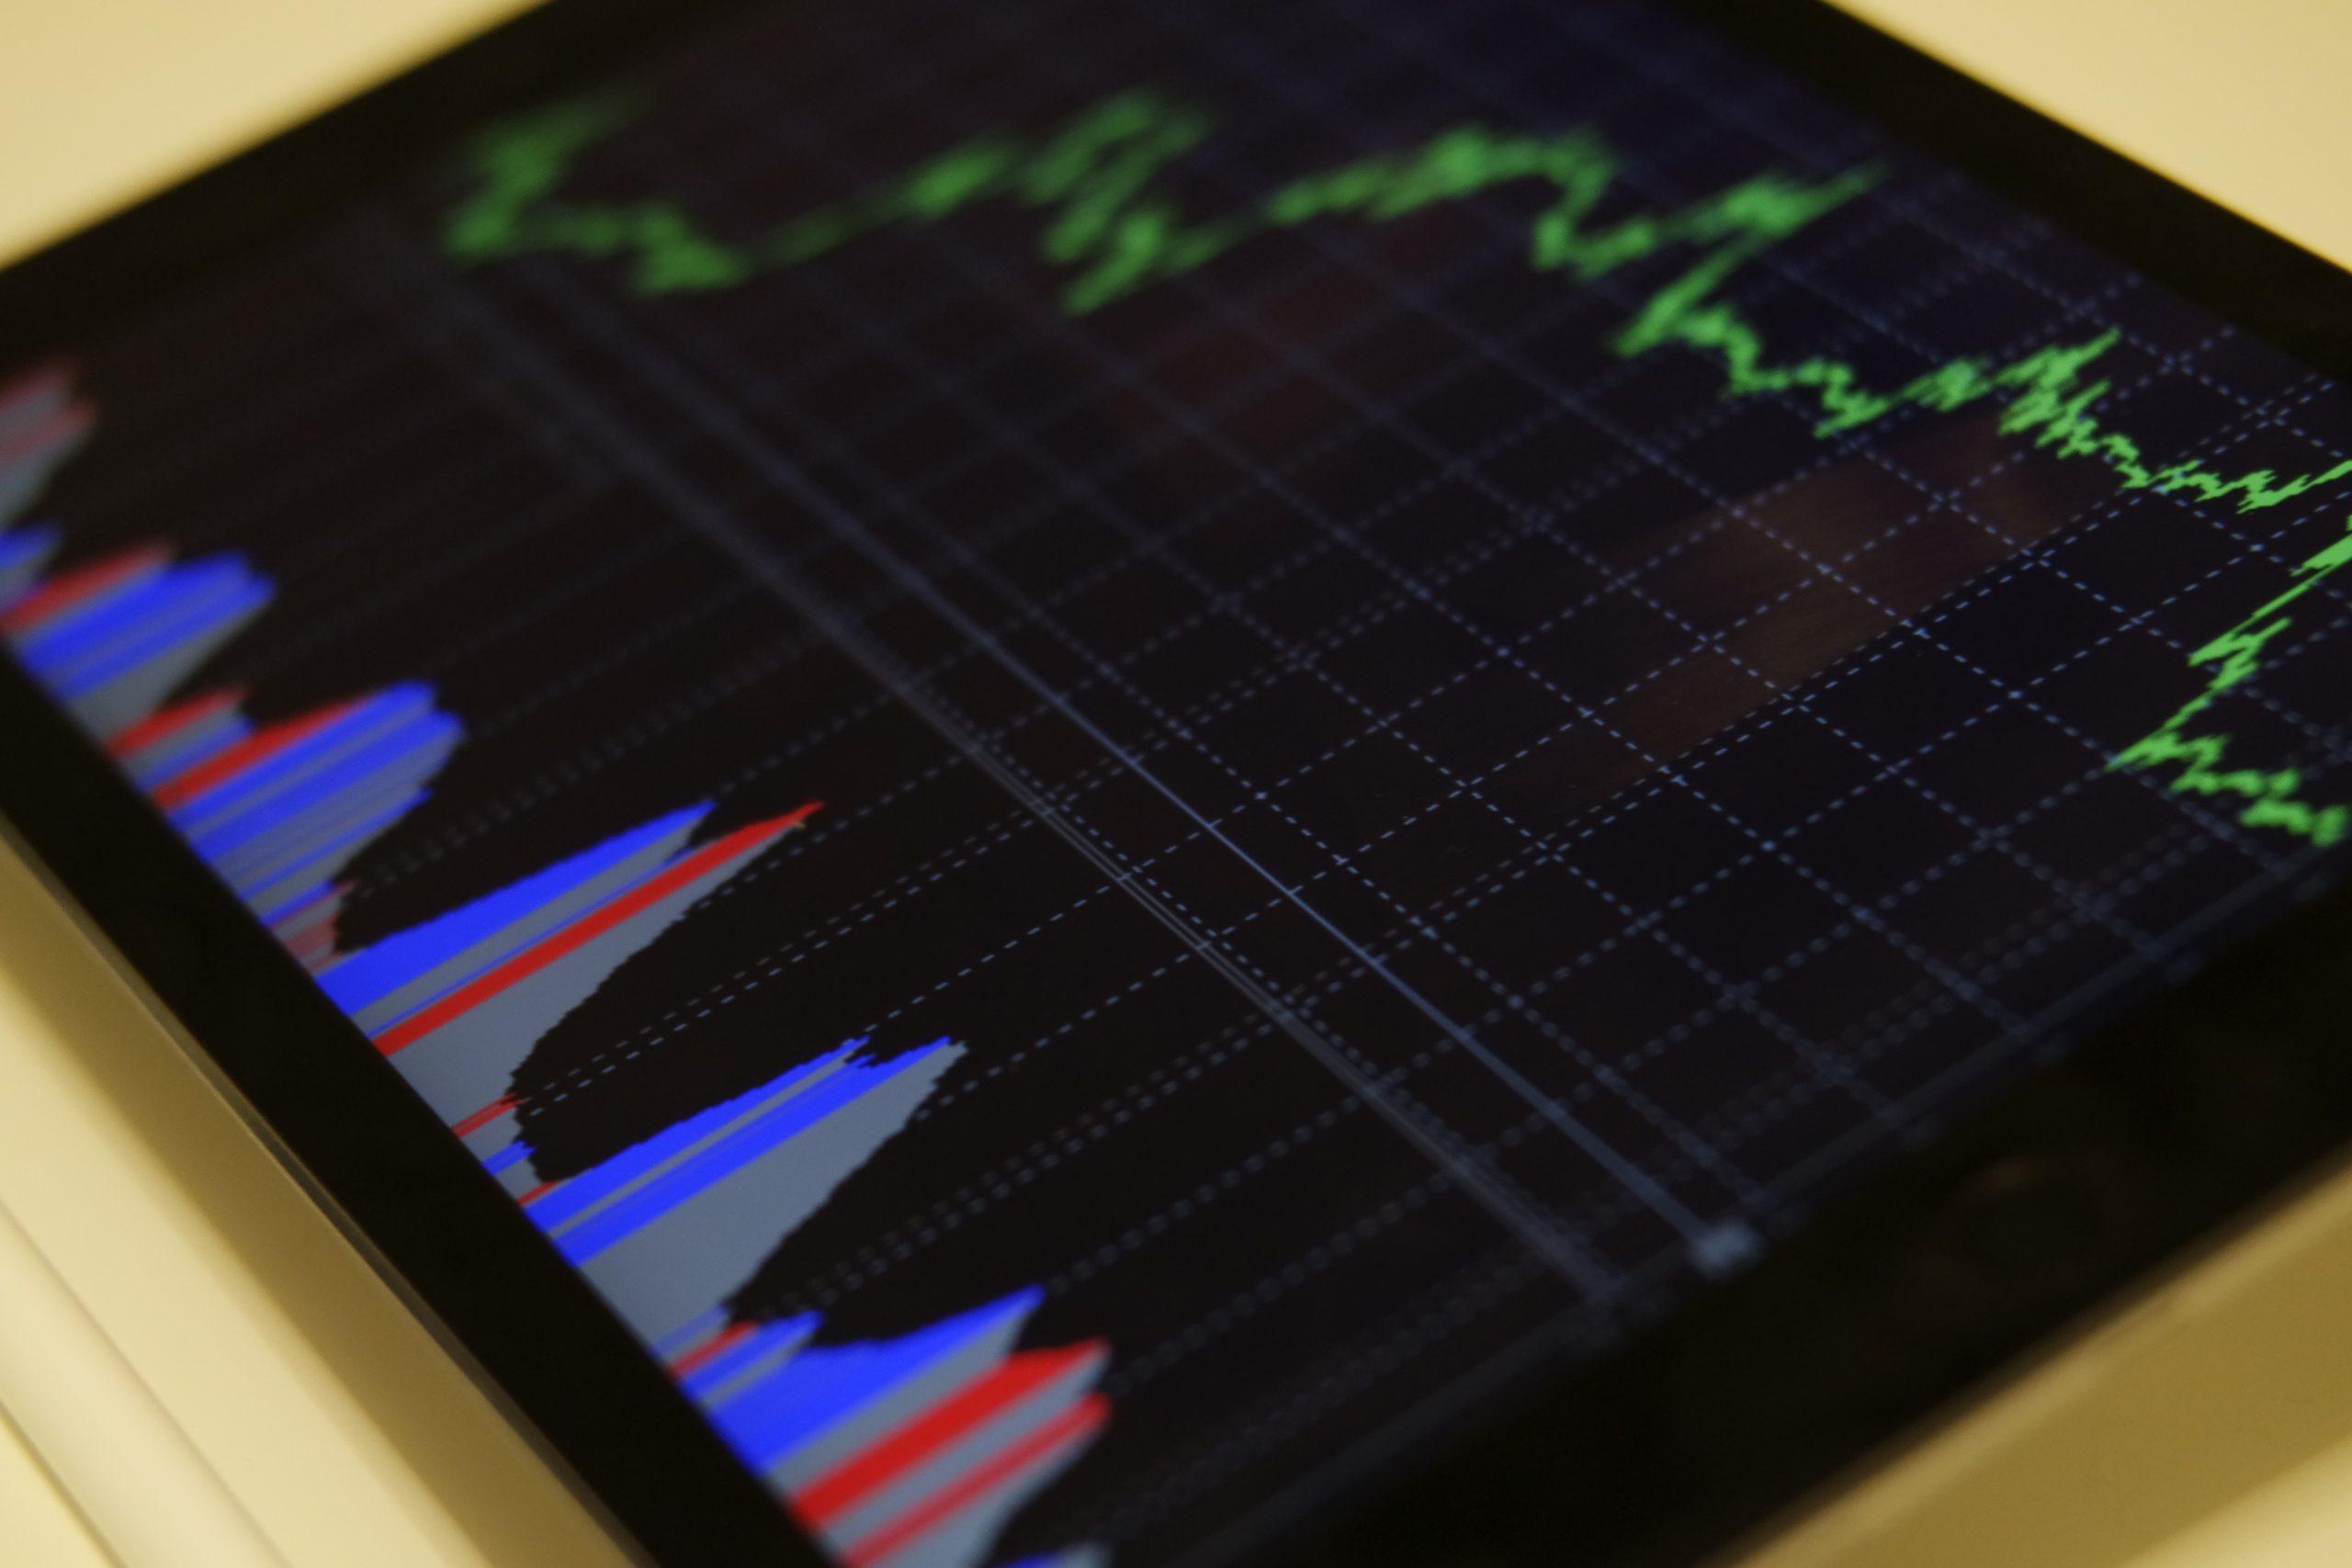 Selon un économiste de la Banque mondiale, une crise financière pourrait émerger de la pandémie